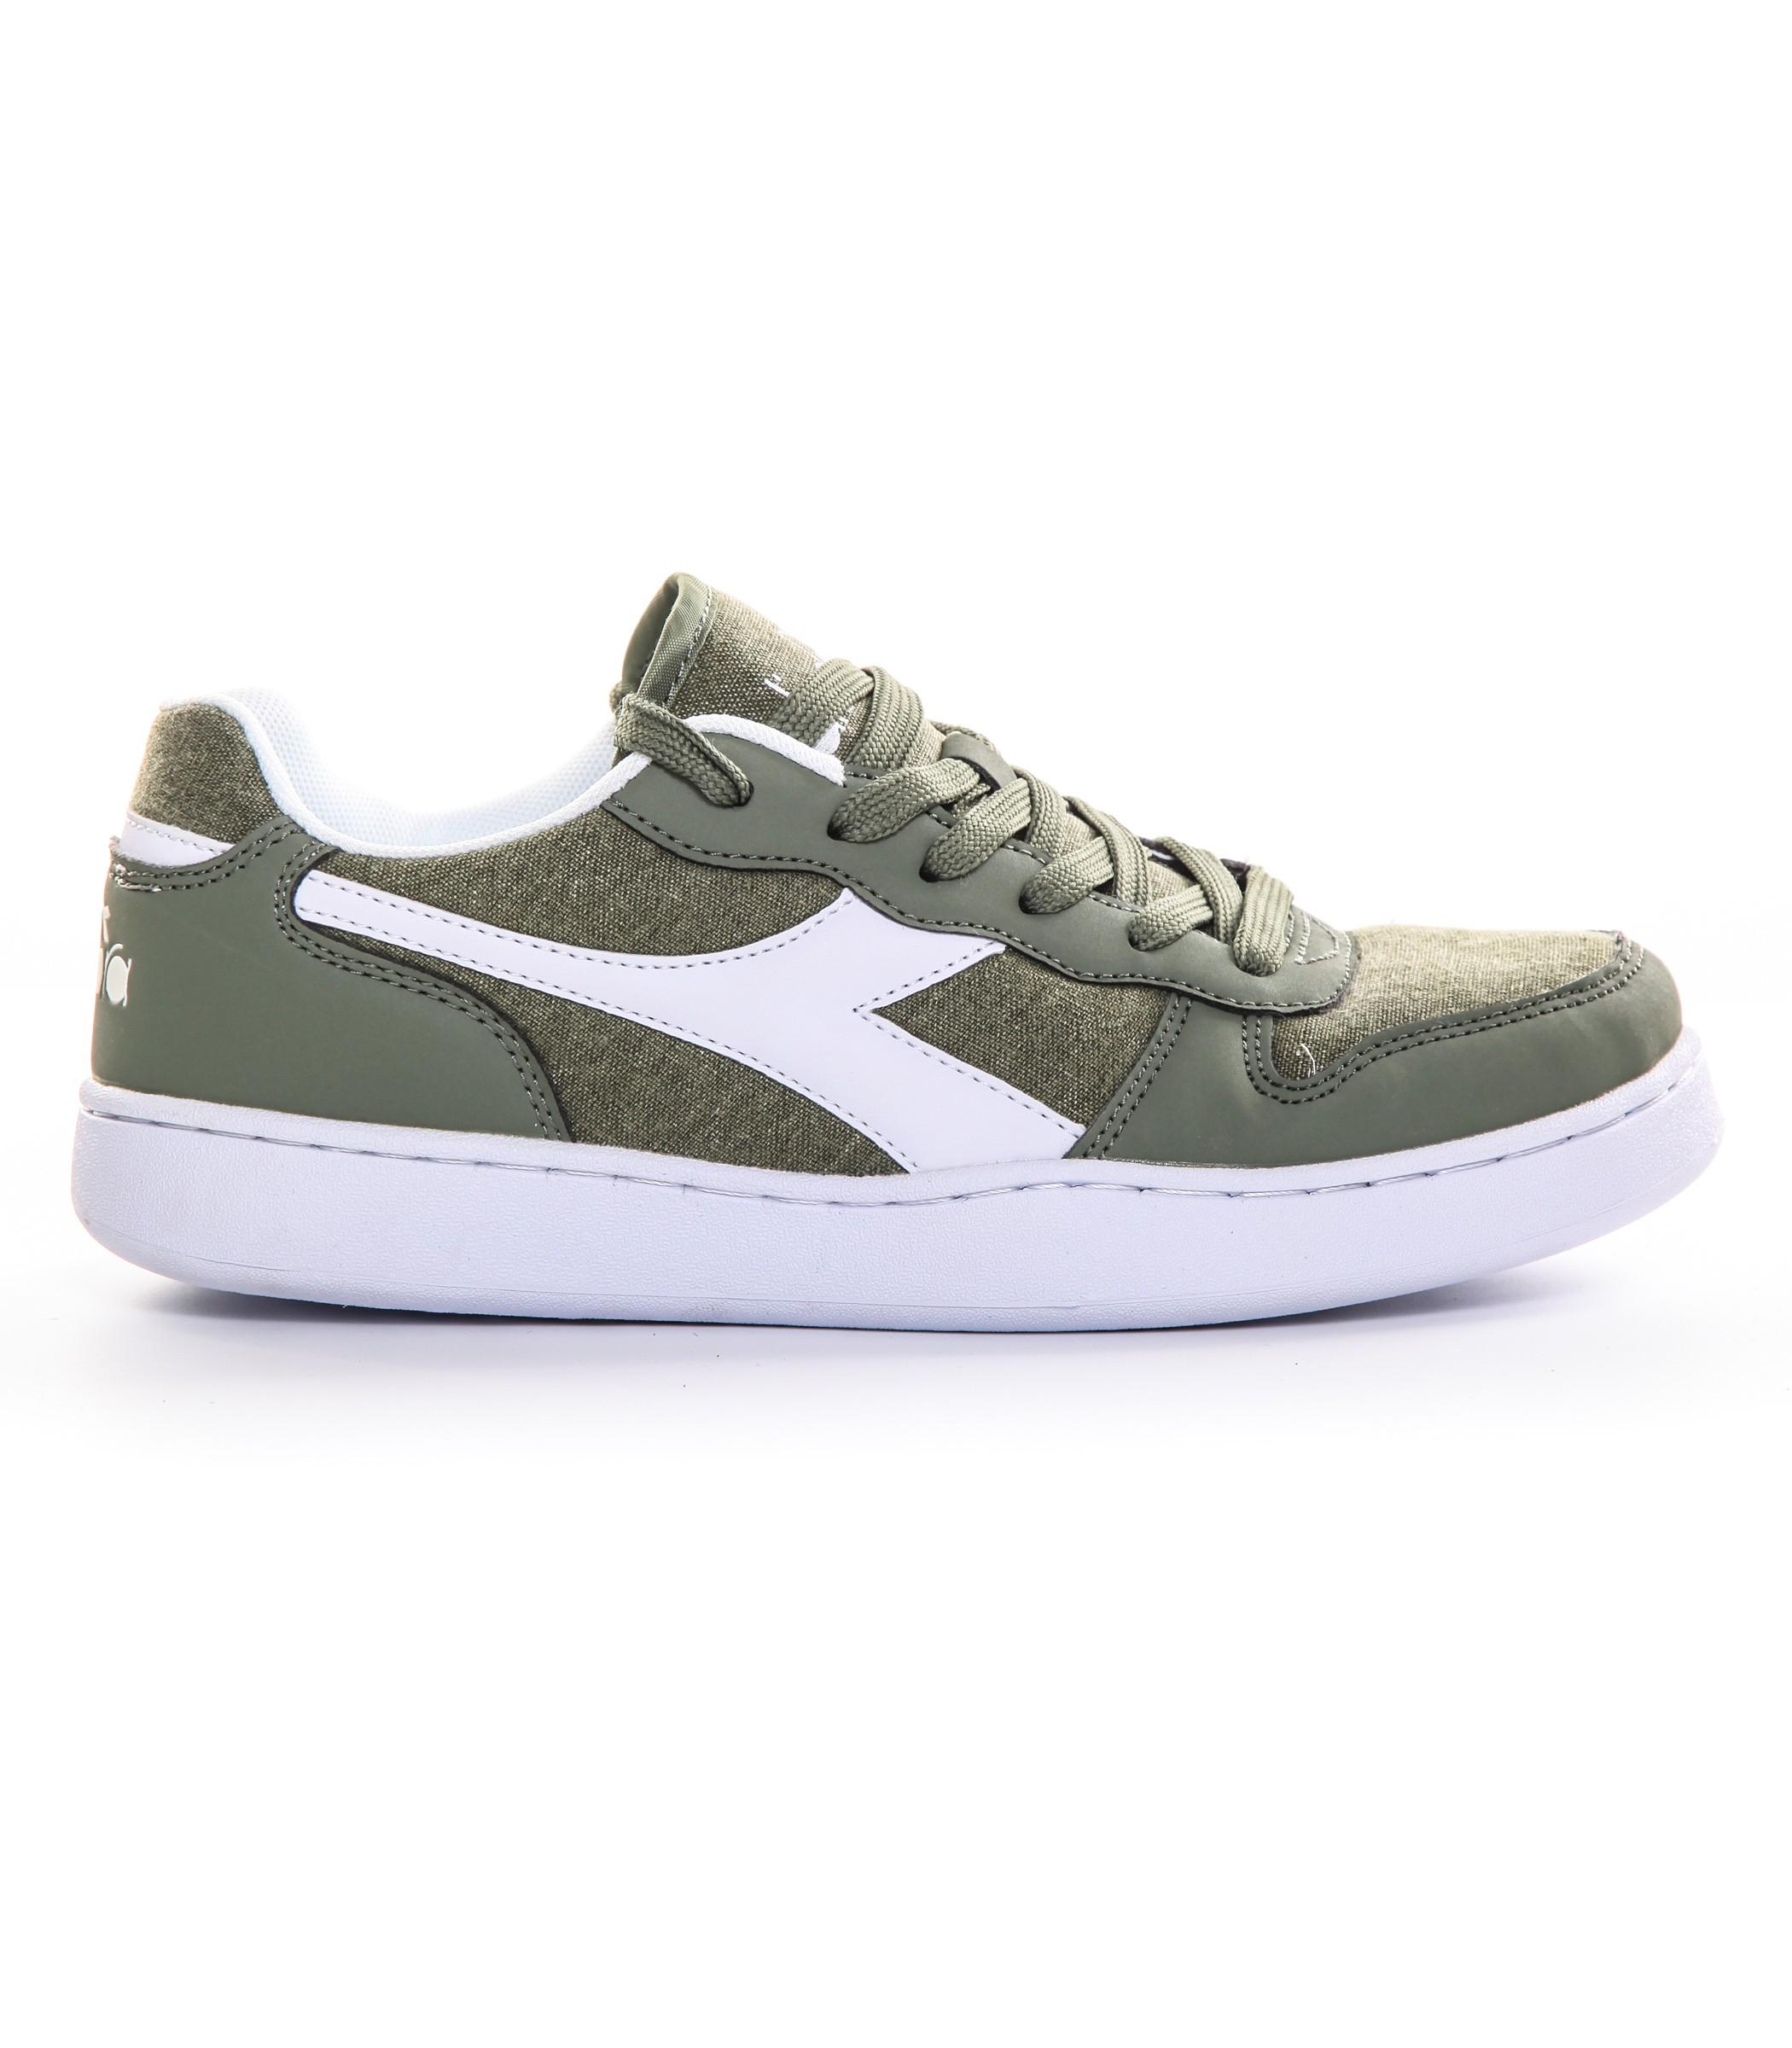 013b78f2ff Scarpe Sneakers Diadora PLAYGROUND CV da uomo rif. 101.174372